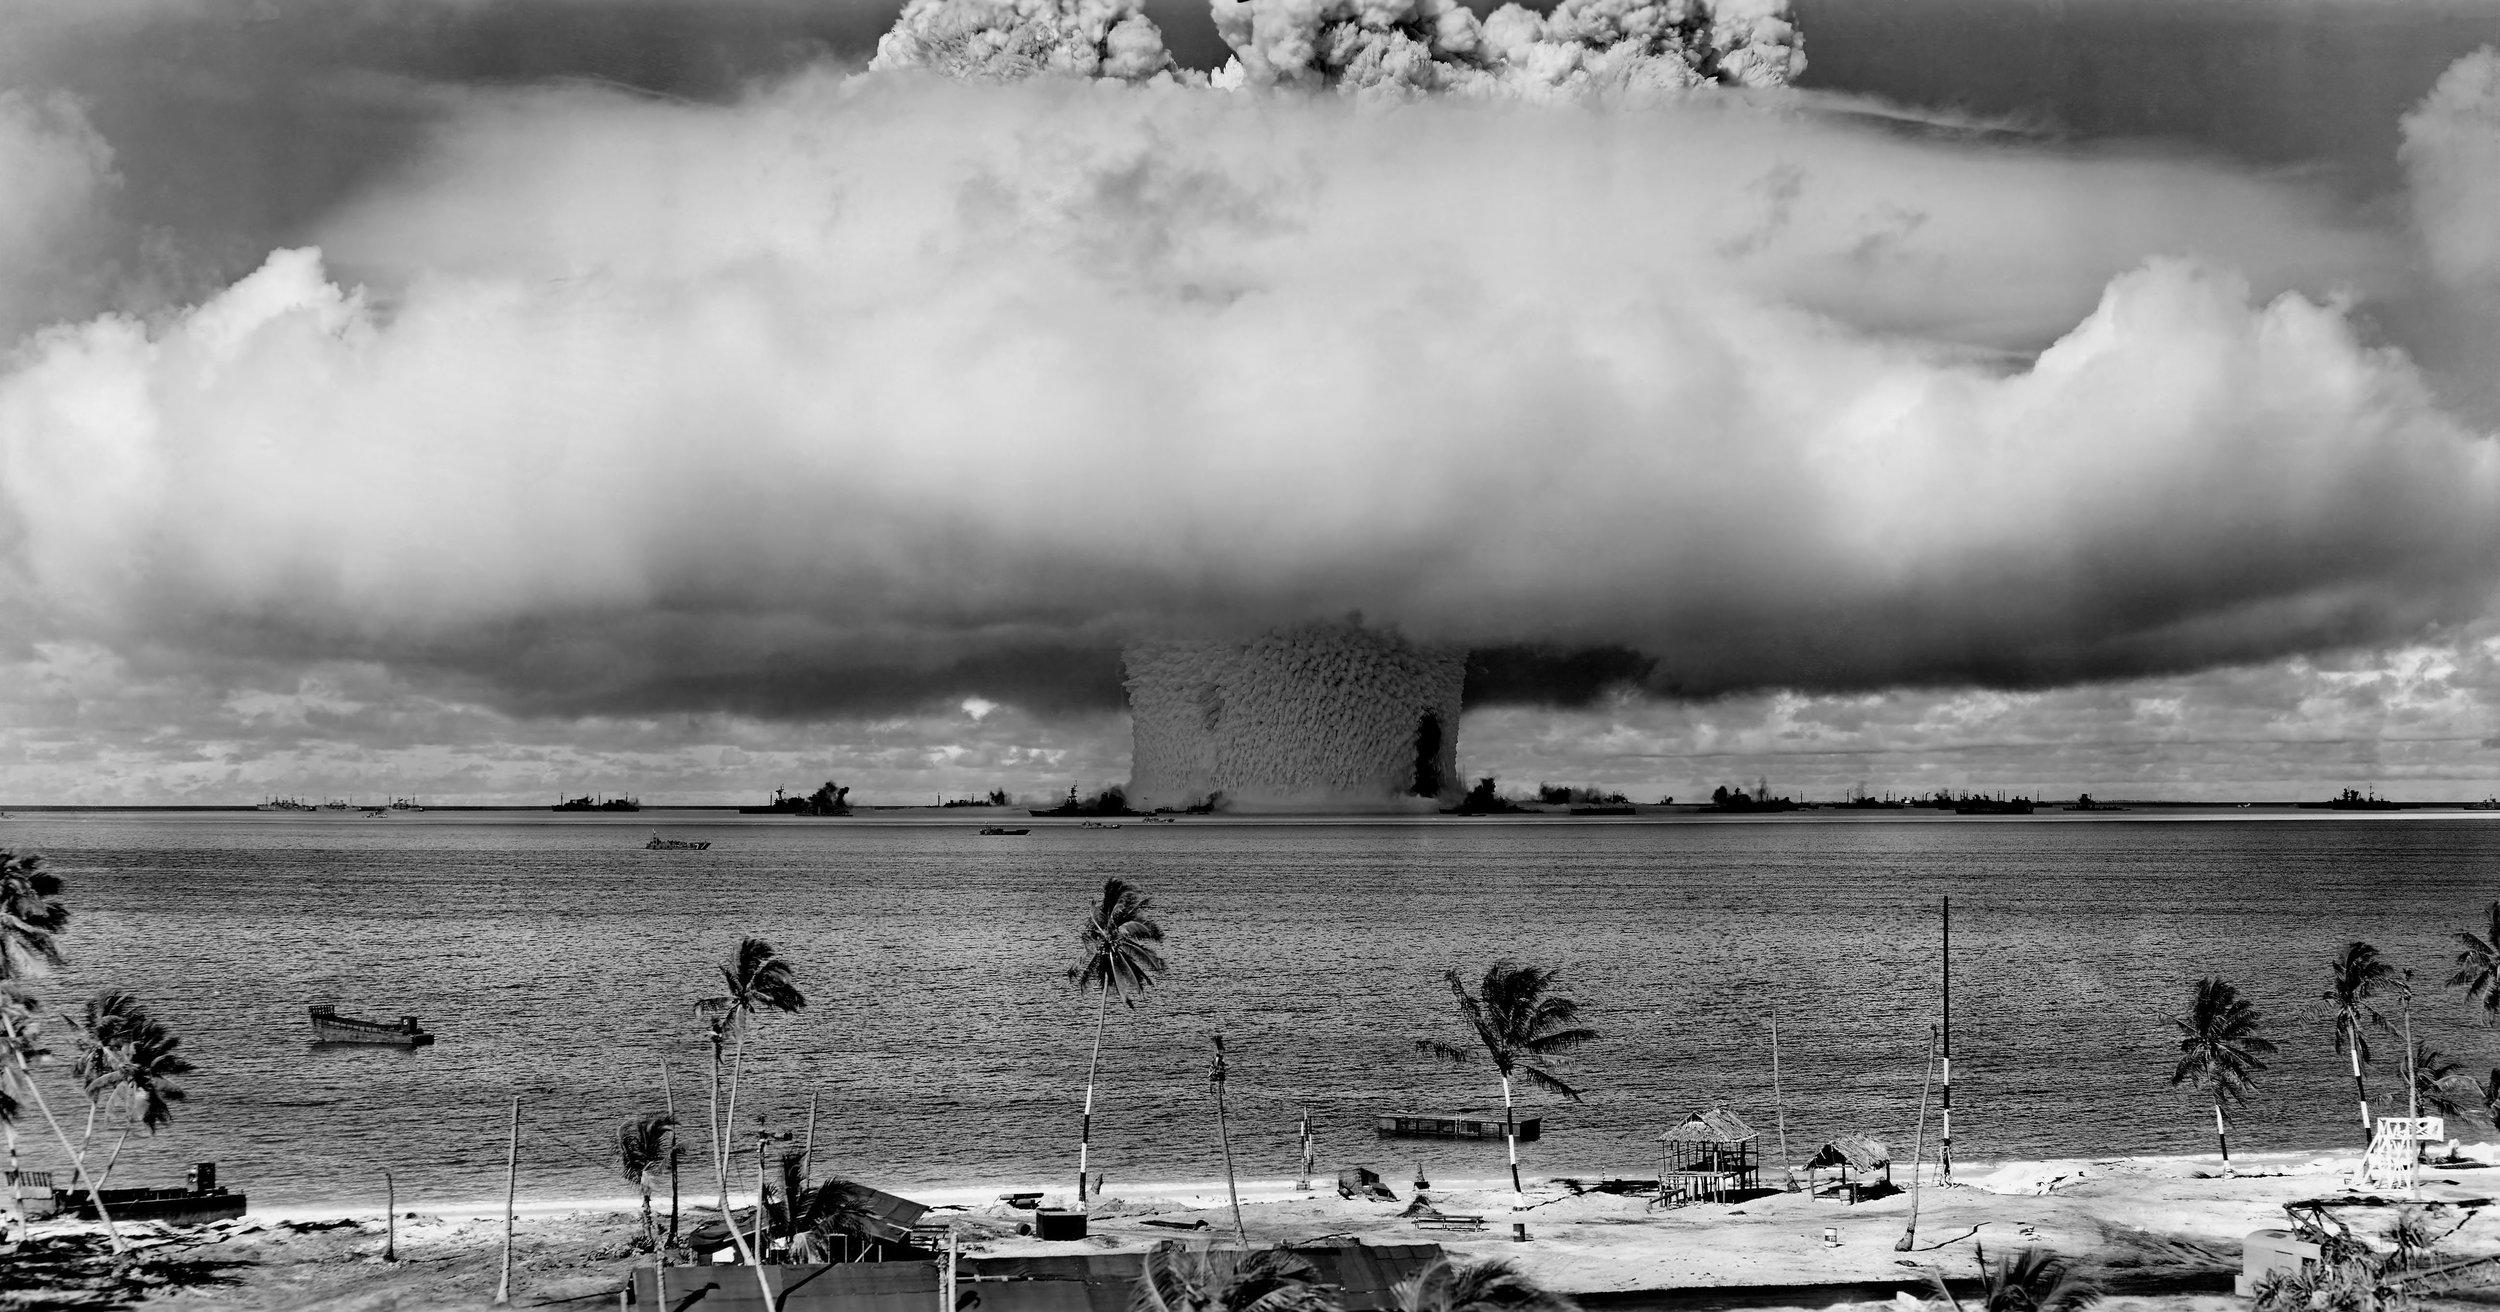 Nuclear & Chemical War